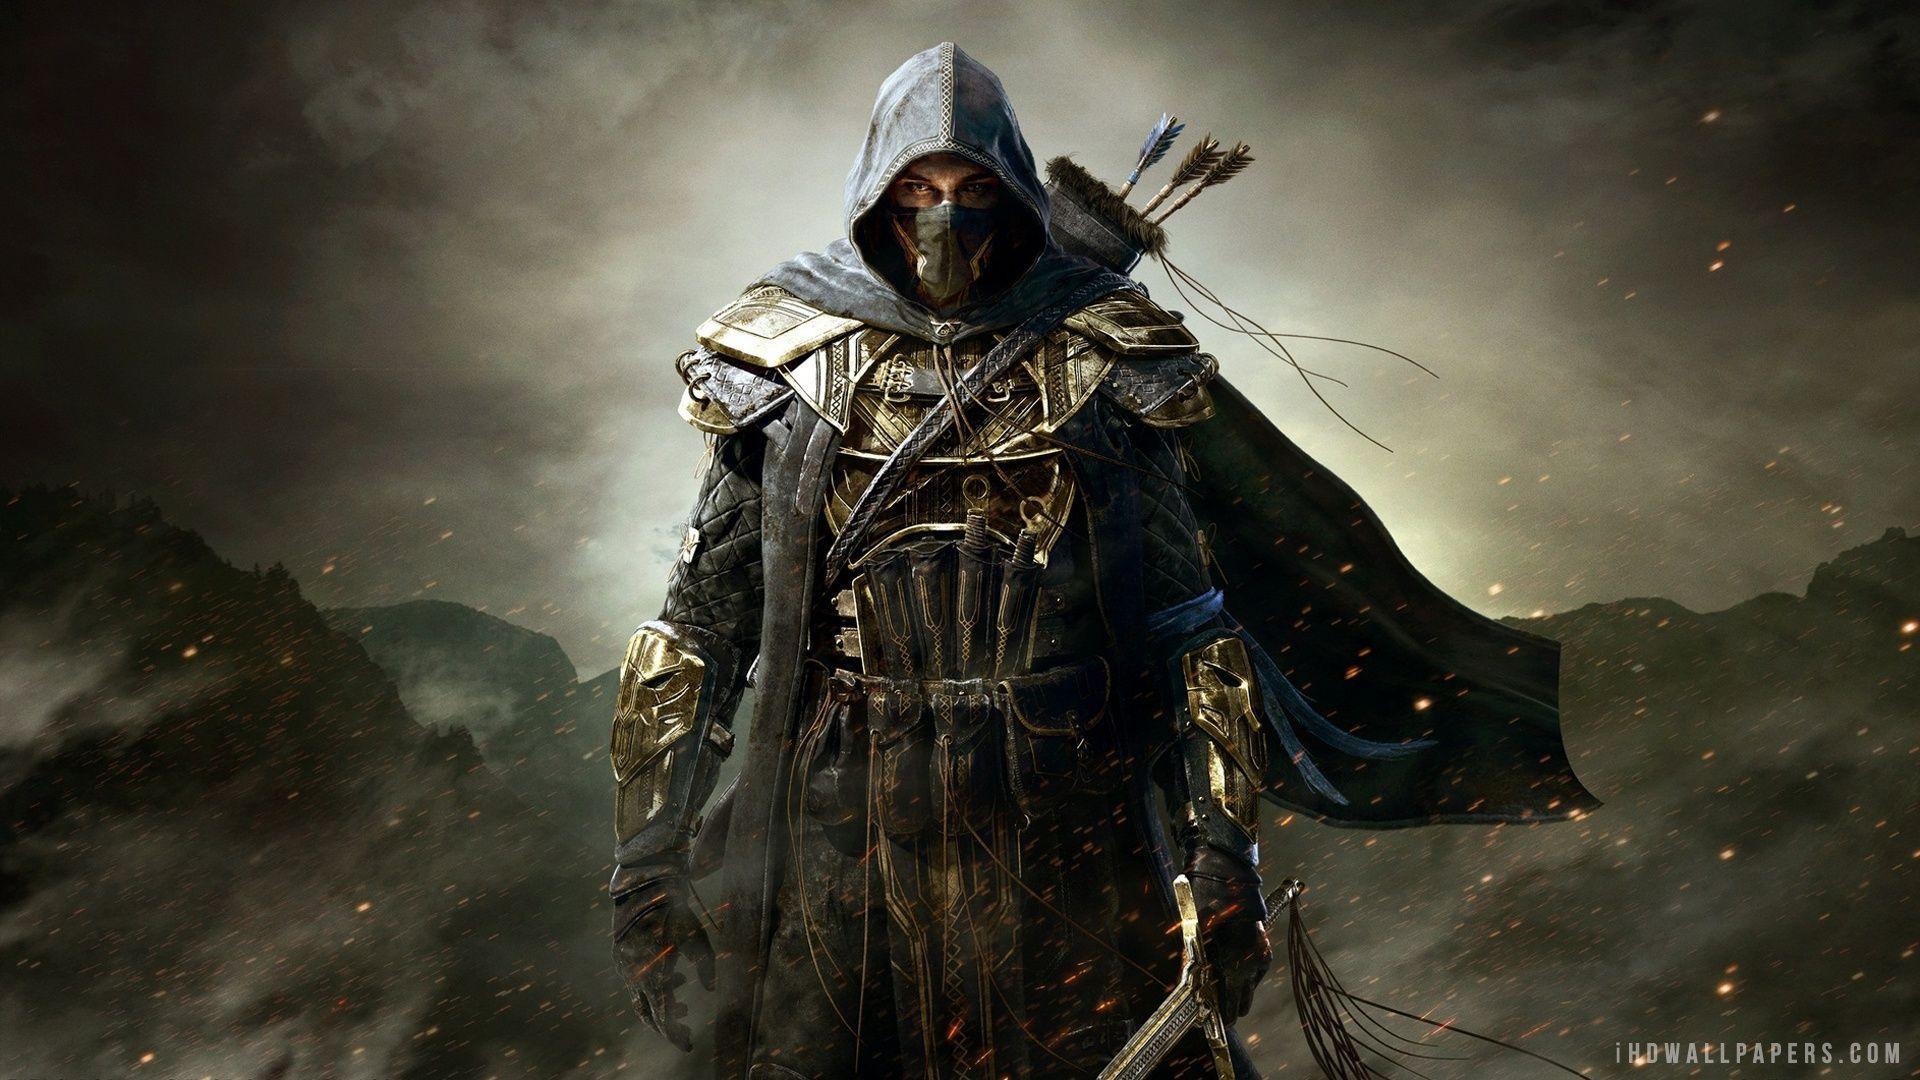 Dark Souls 2 Wallpapers Top Free Dark Souls 2 Backgrounds